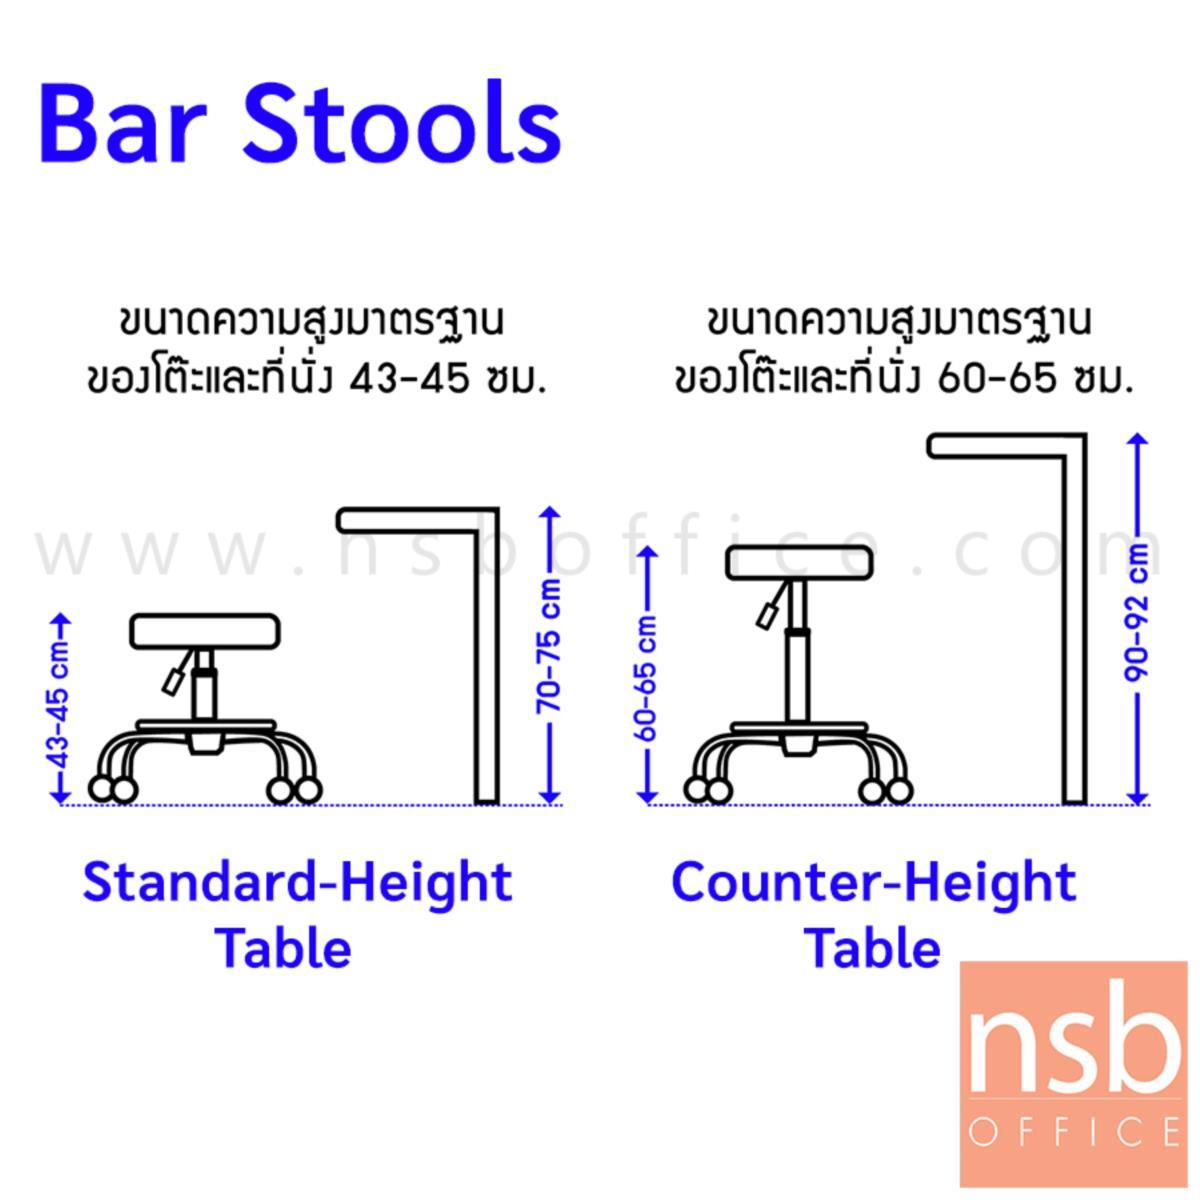 เก้าอี้บาร์สตูลกลมล้อเลื่อน สีดำ รุ่น Balrog (บัลร็อก)  โช๊คแก๊ส ขาเหล็กชุบโครเมี่ยม